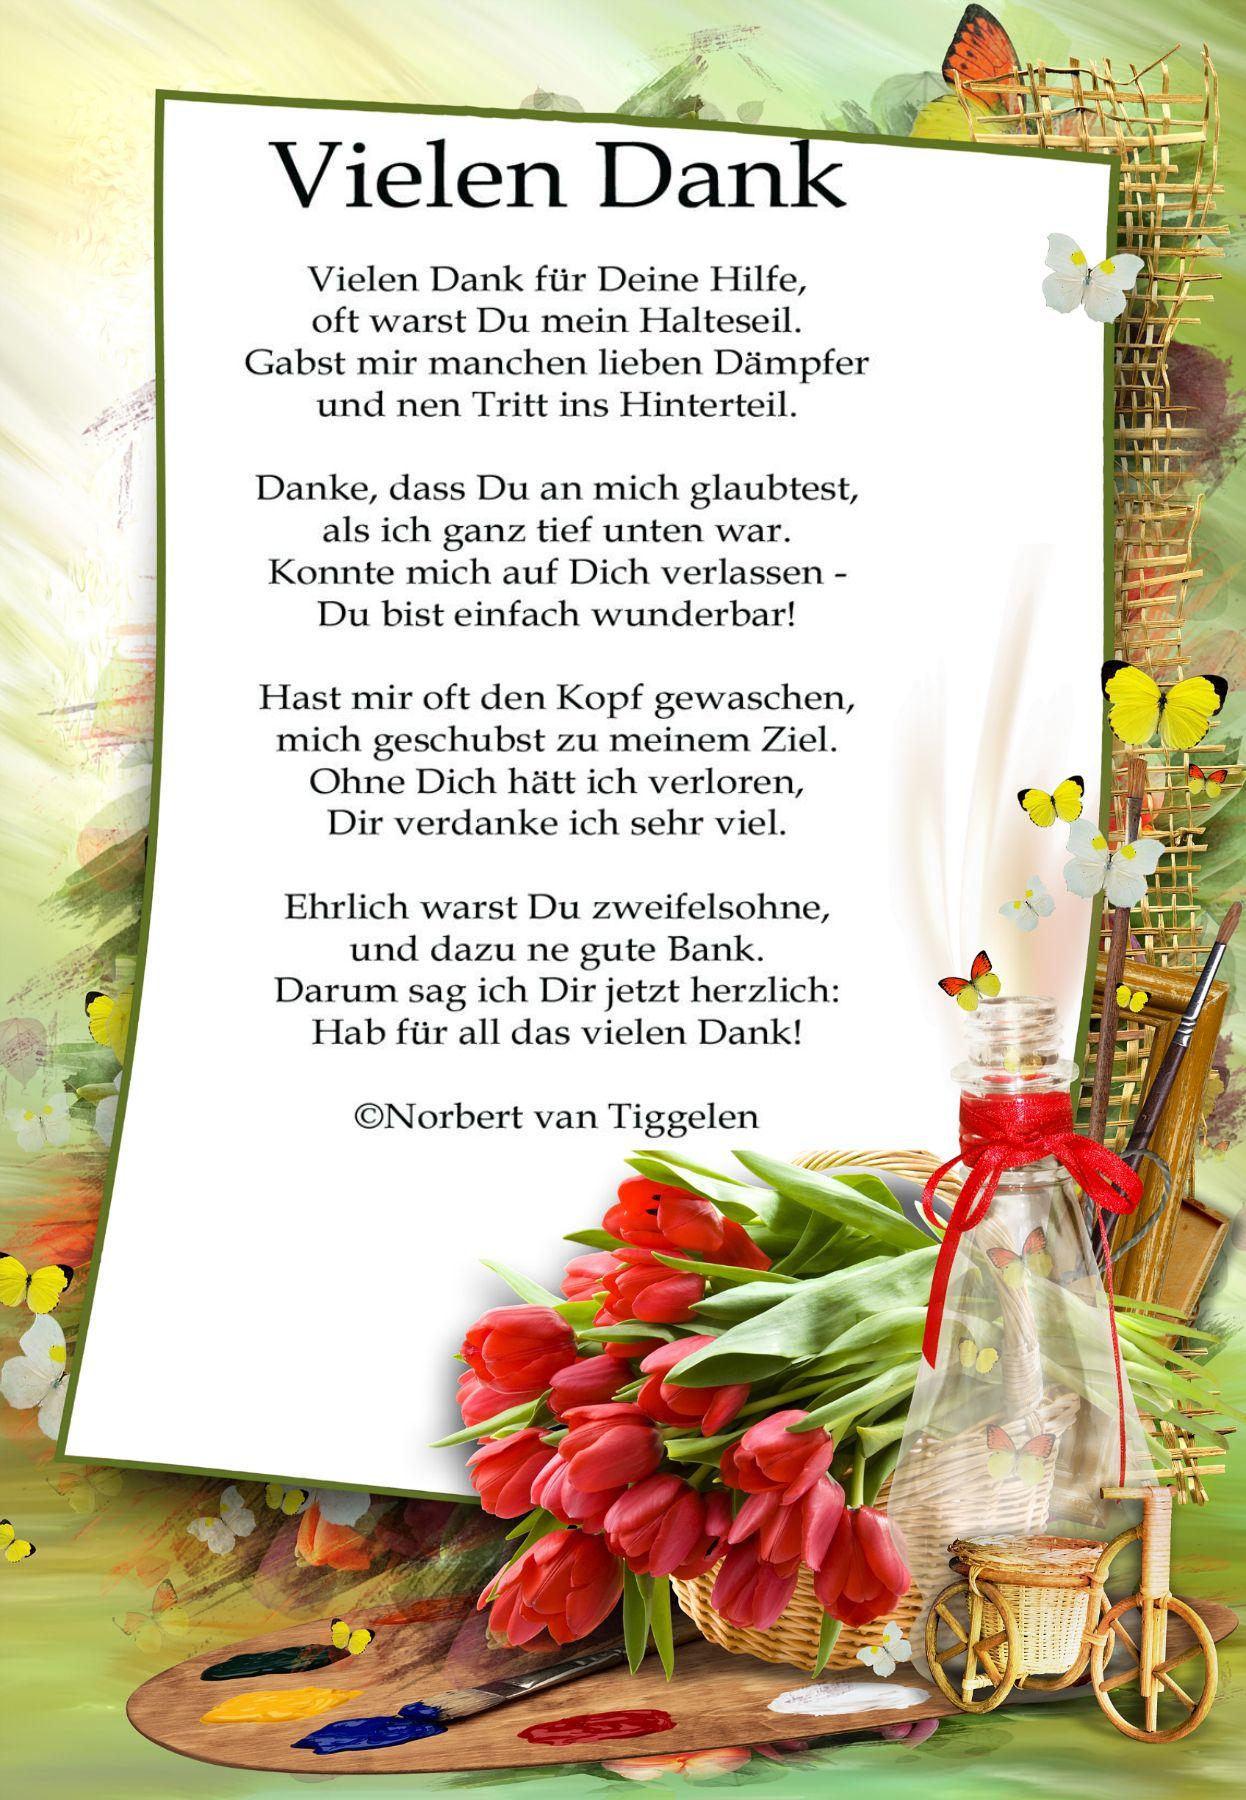 Idee Von Astrid Renner Auf Fresse Nachdenkliche Spruche Zitate